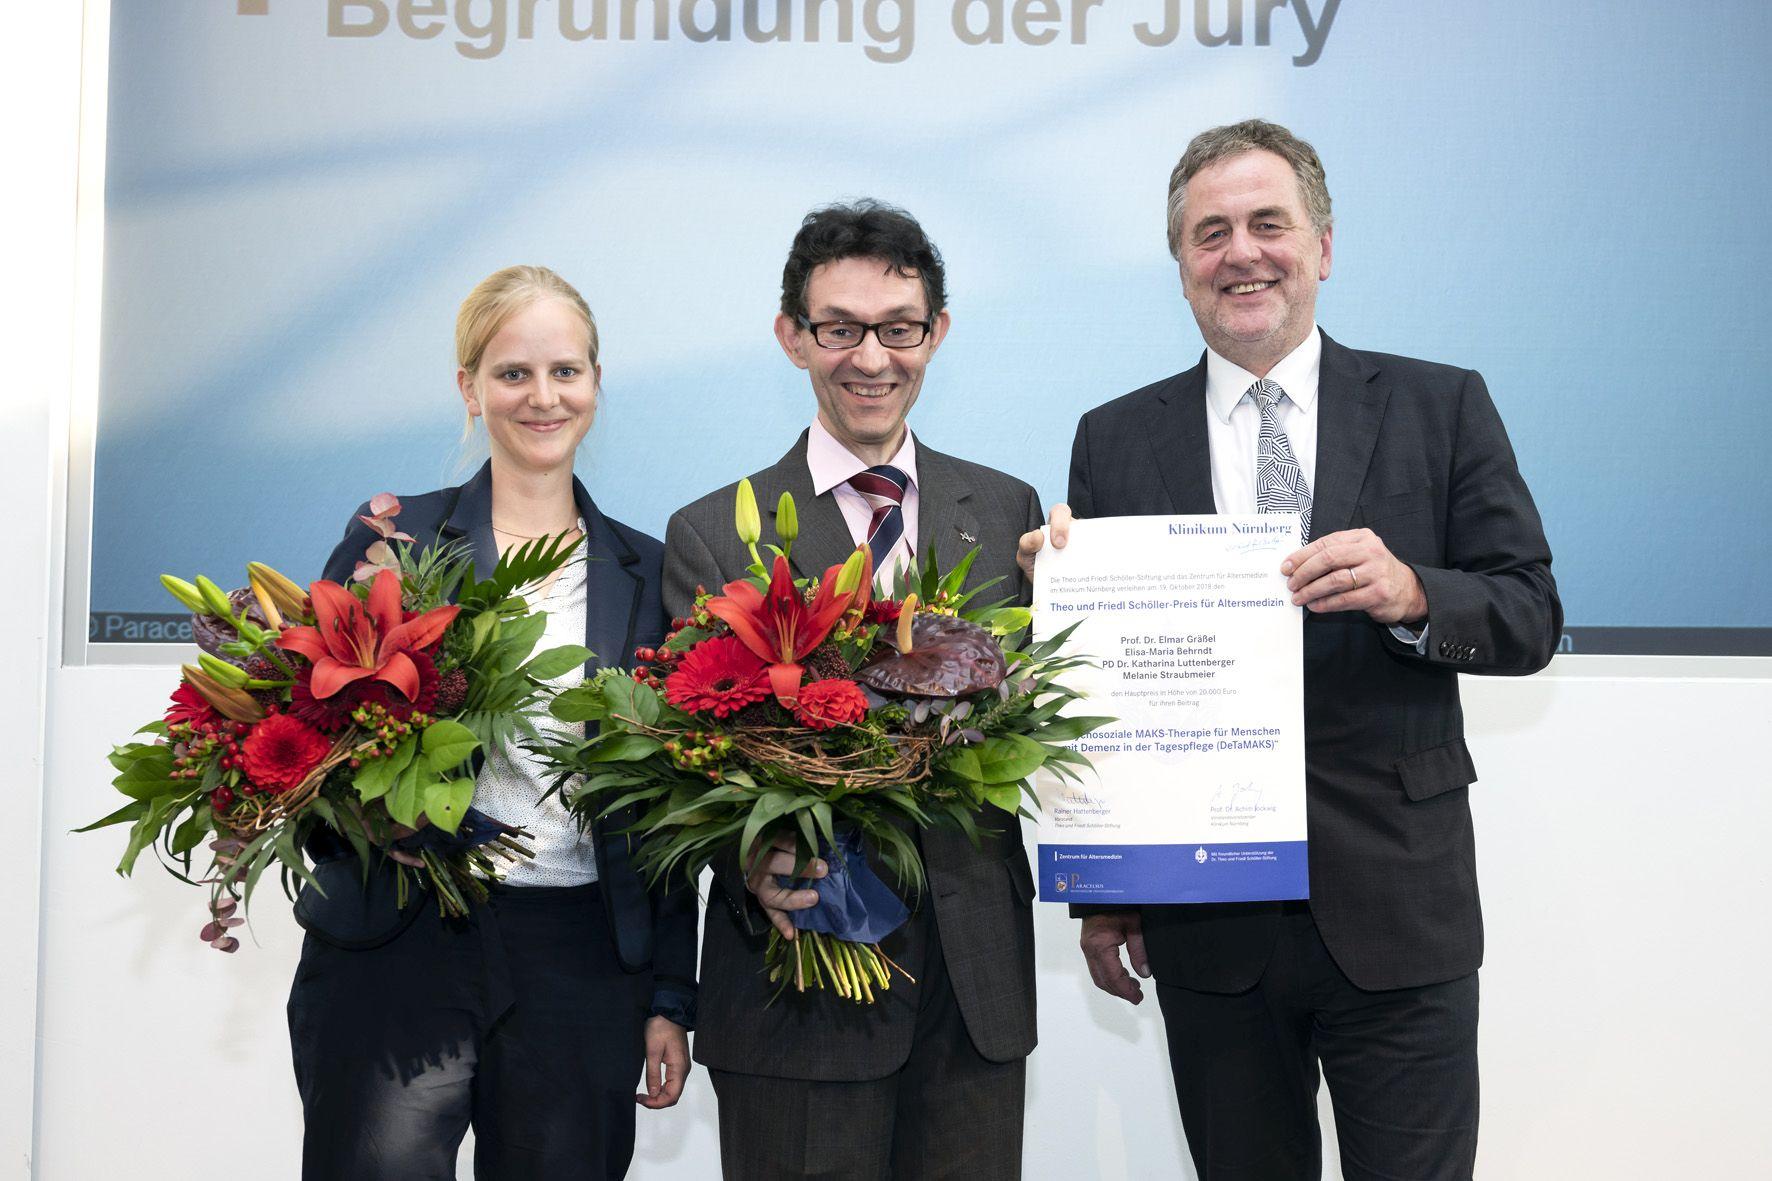 Forscher mit Blumensträußen und Übergabe Urkunde